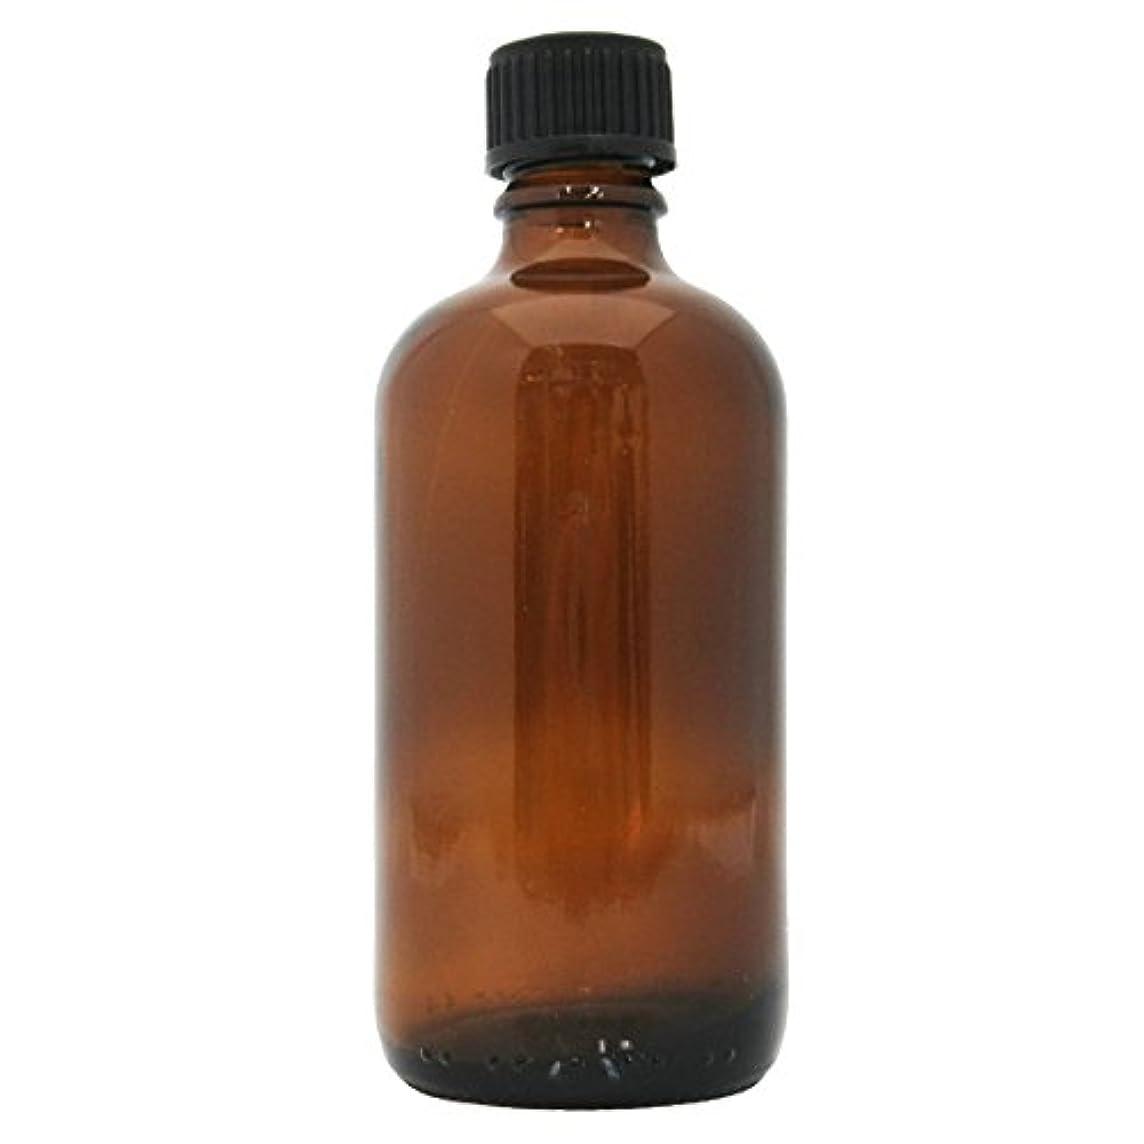 慢性的逆説つまらない茶色遮光瓶 100ml (ドロッパー付)